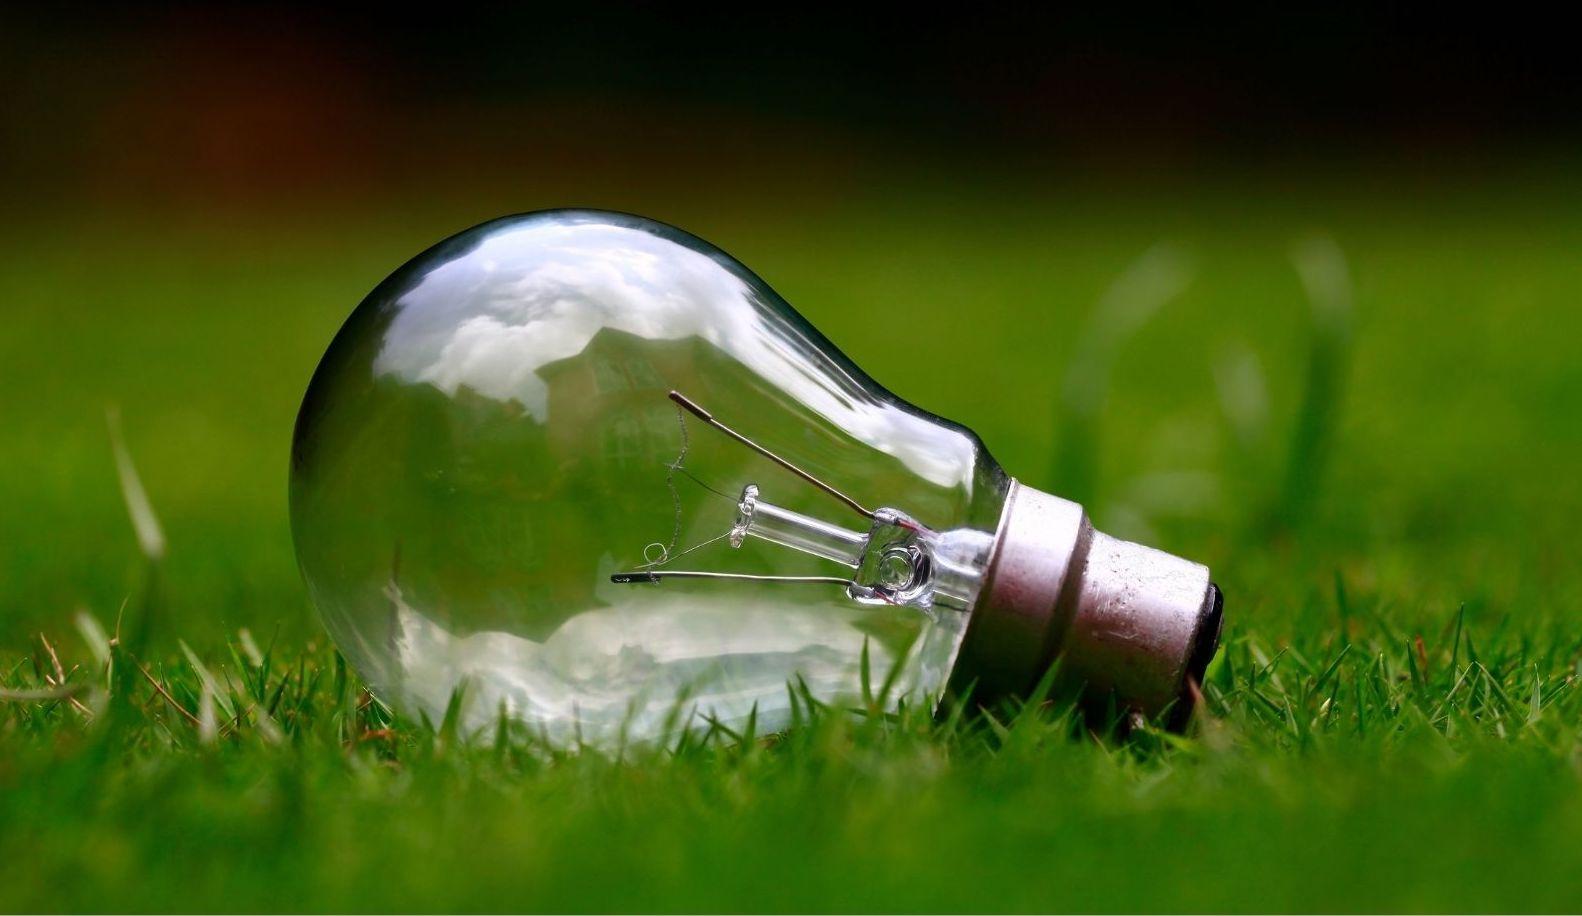 Les applications qui nous aident à vivre de manière plus éco-responsable